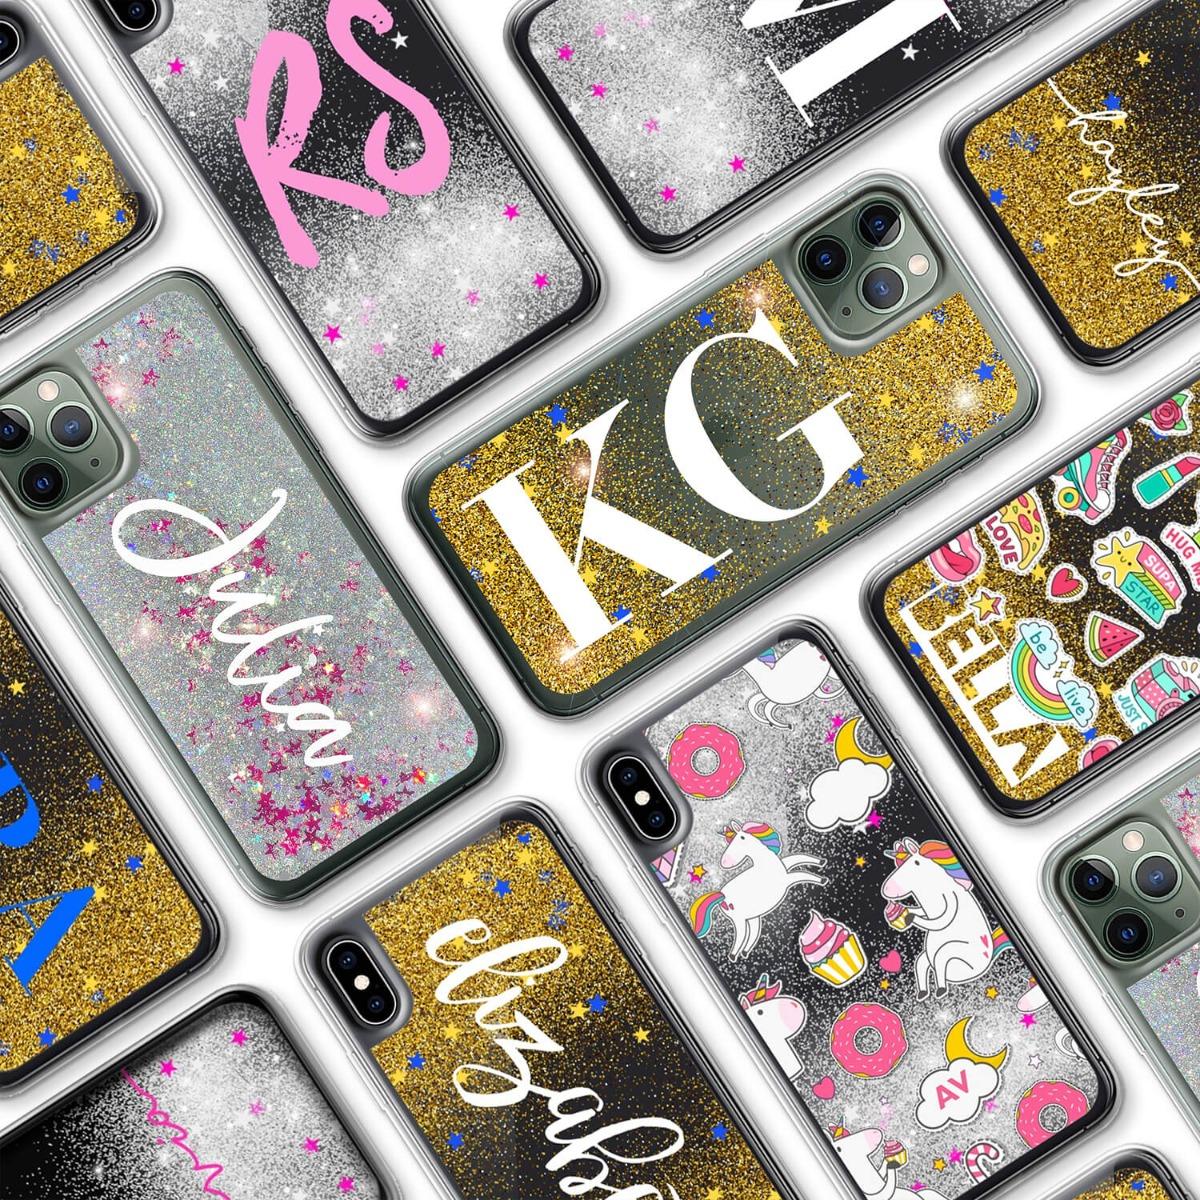 iPhone 8 Plus Glitter Case 16141